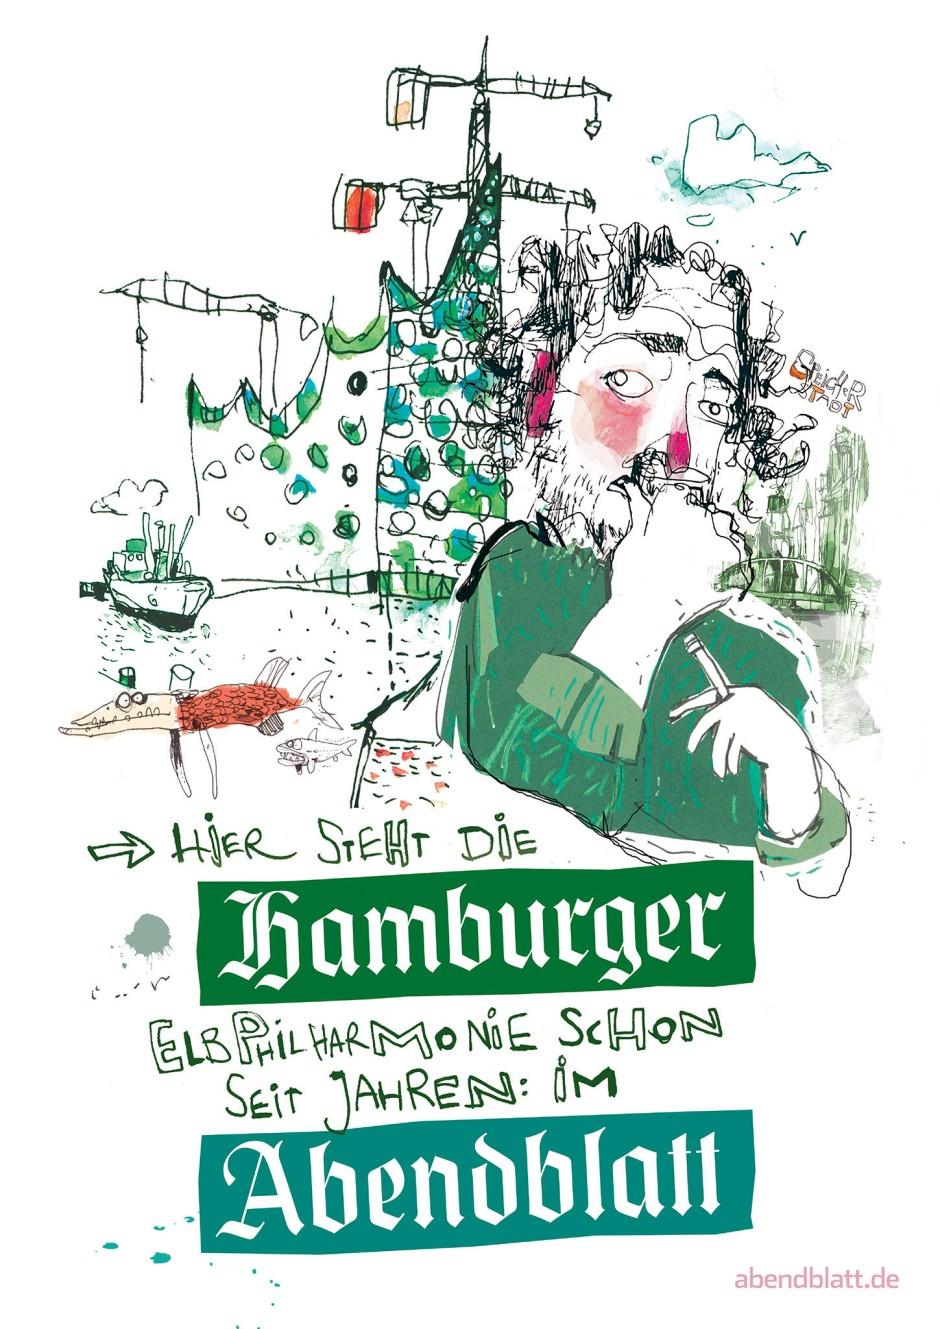 Werbung für das Hamburger Abendblatt